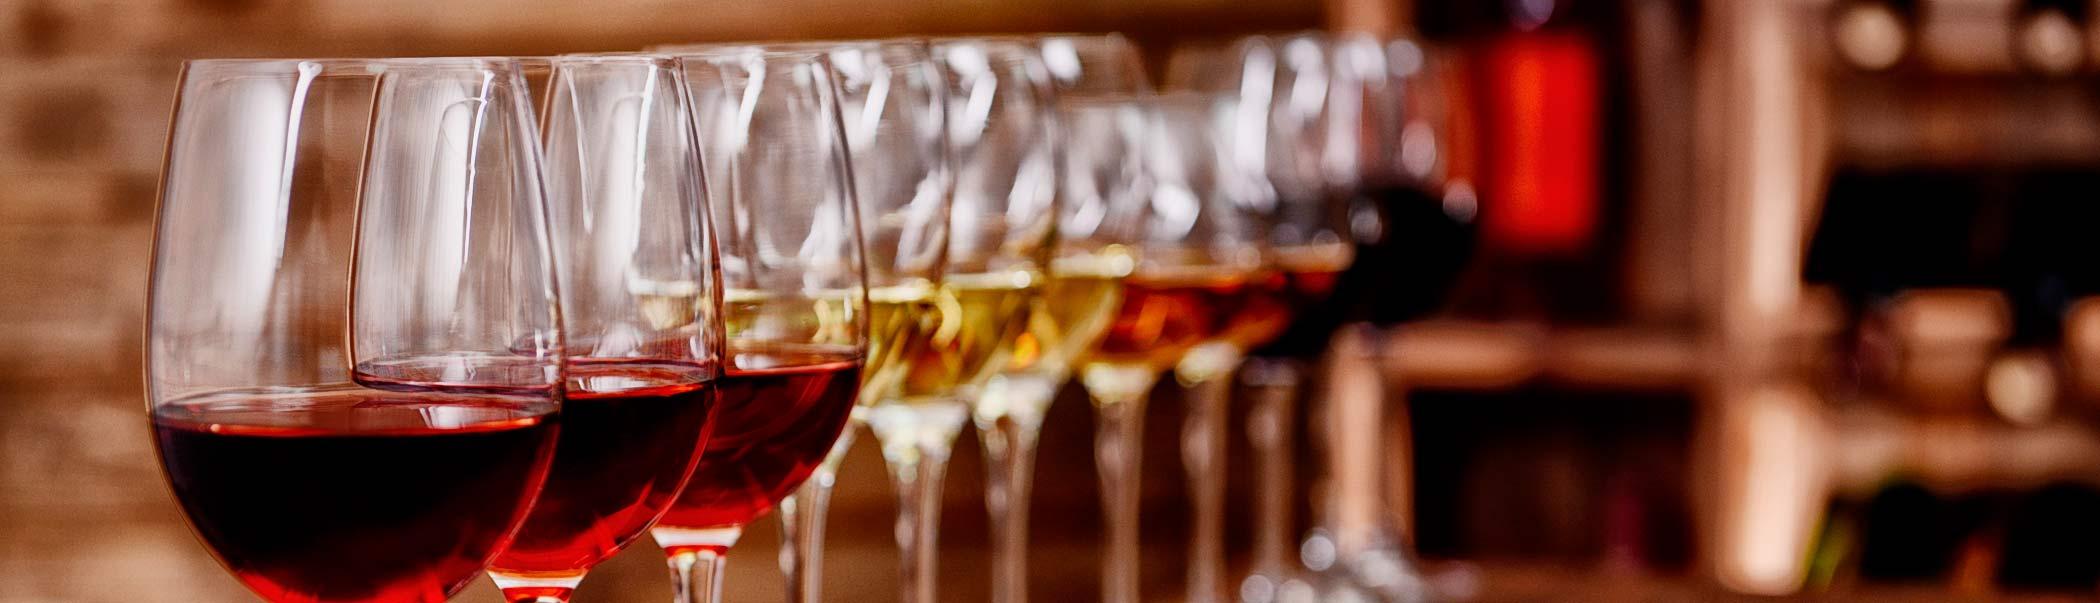 Královská sklepení - Velký košt vína